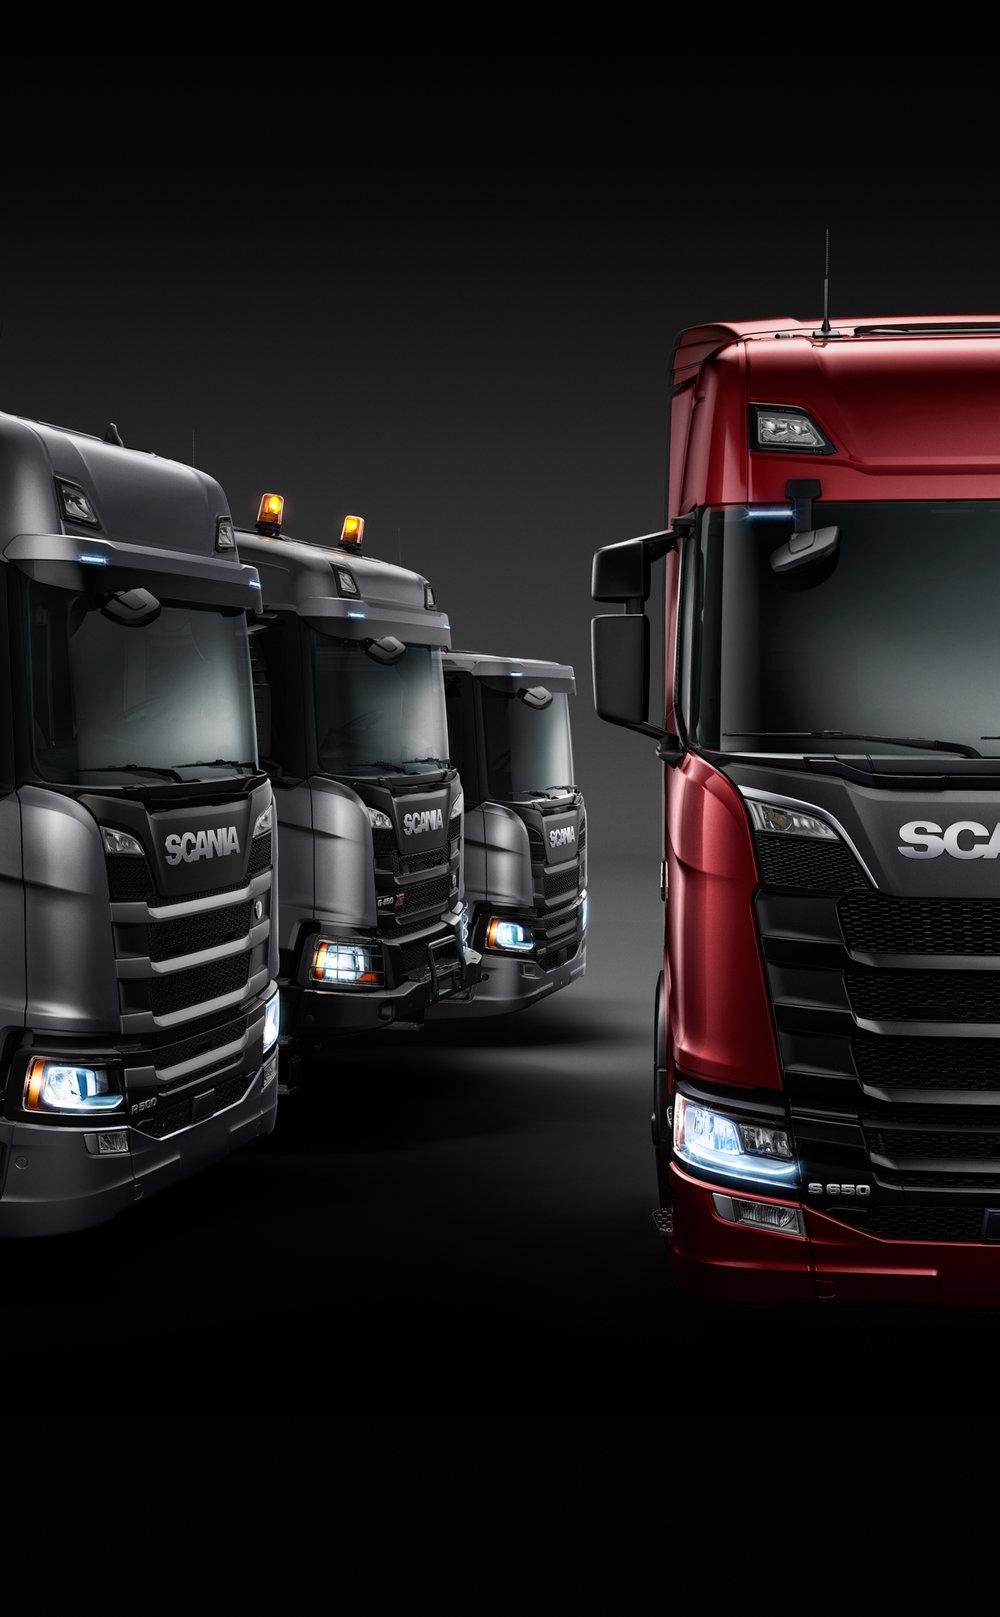 Scania_Truck_009.JPG